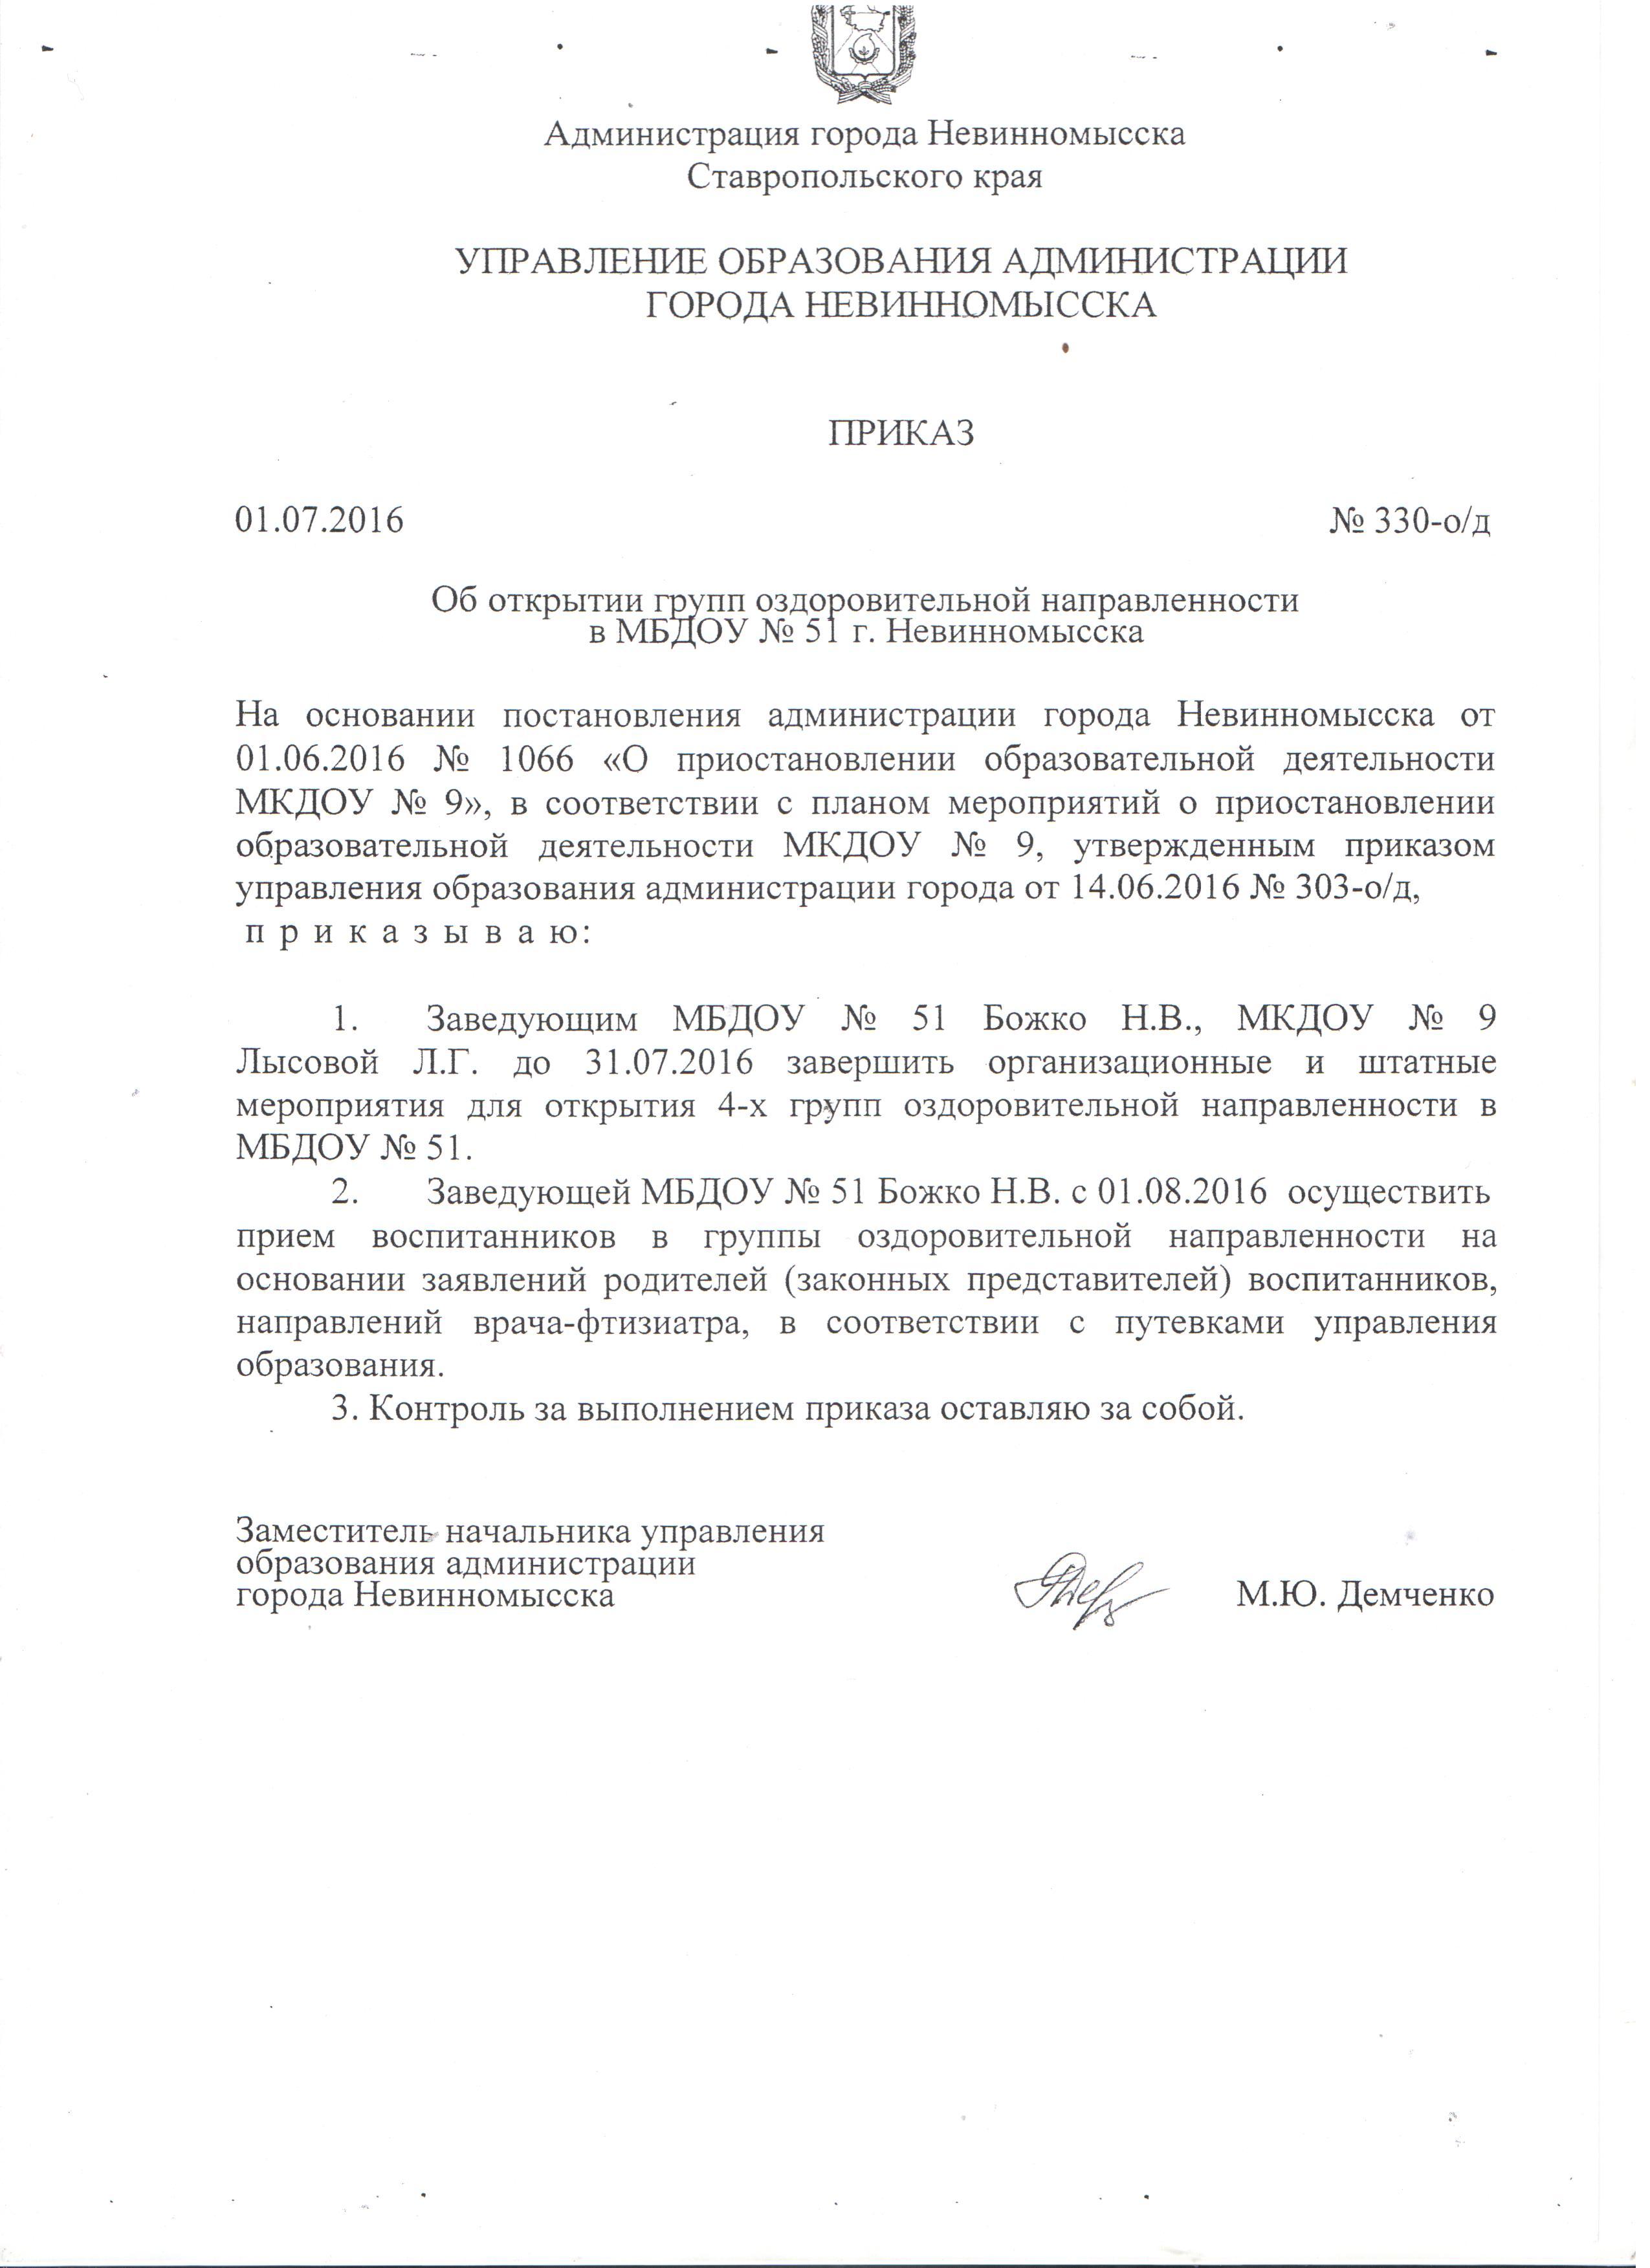 приказ об открытии групп оздоровительной направленности(1)